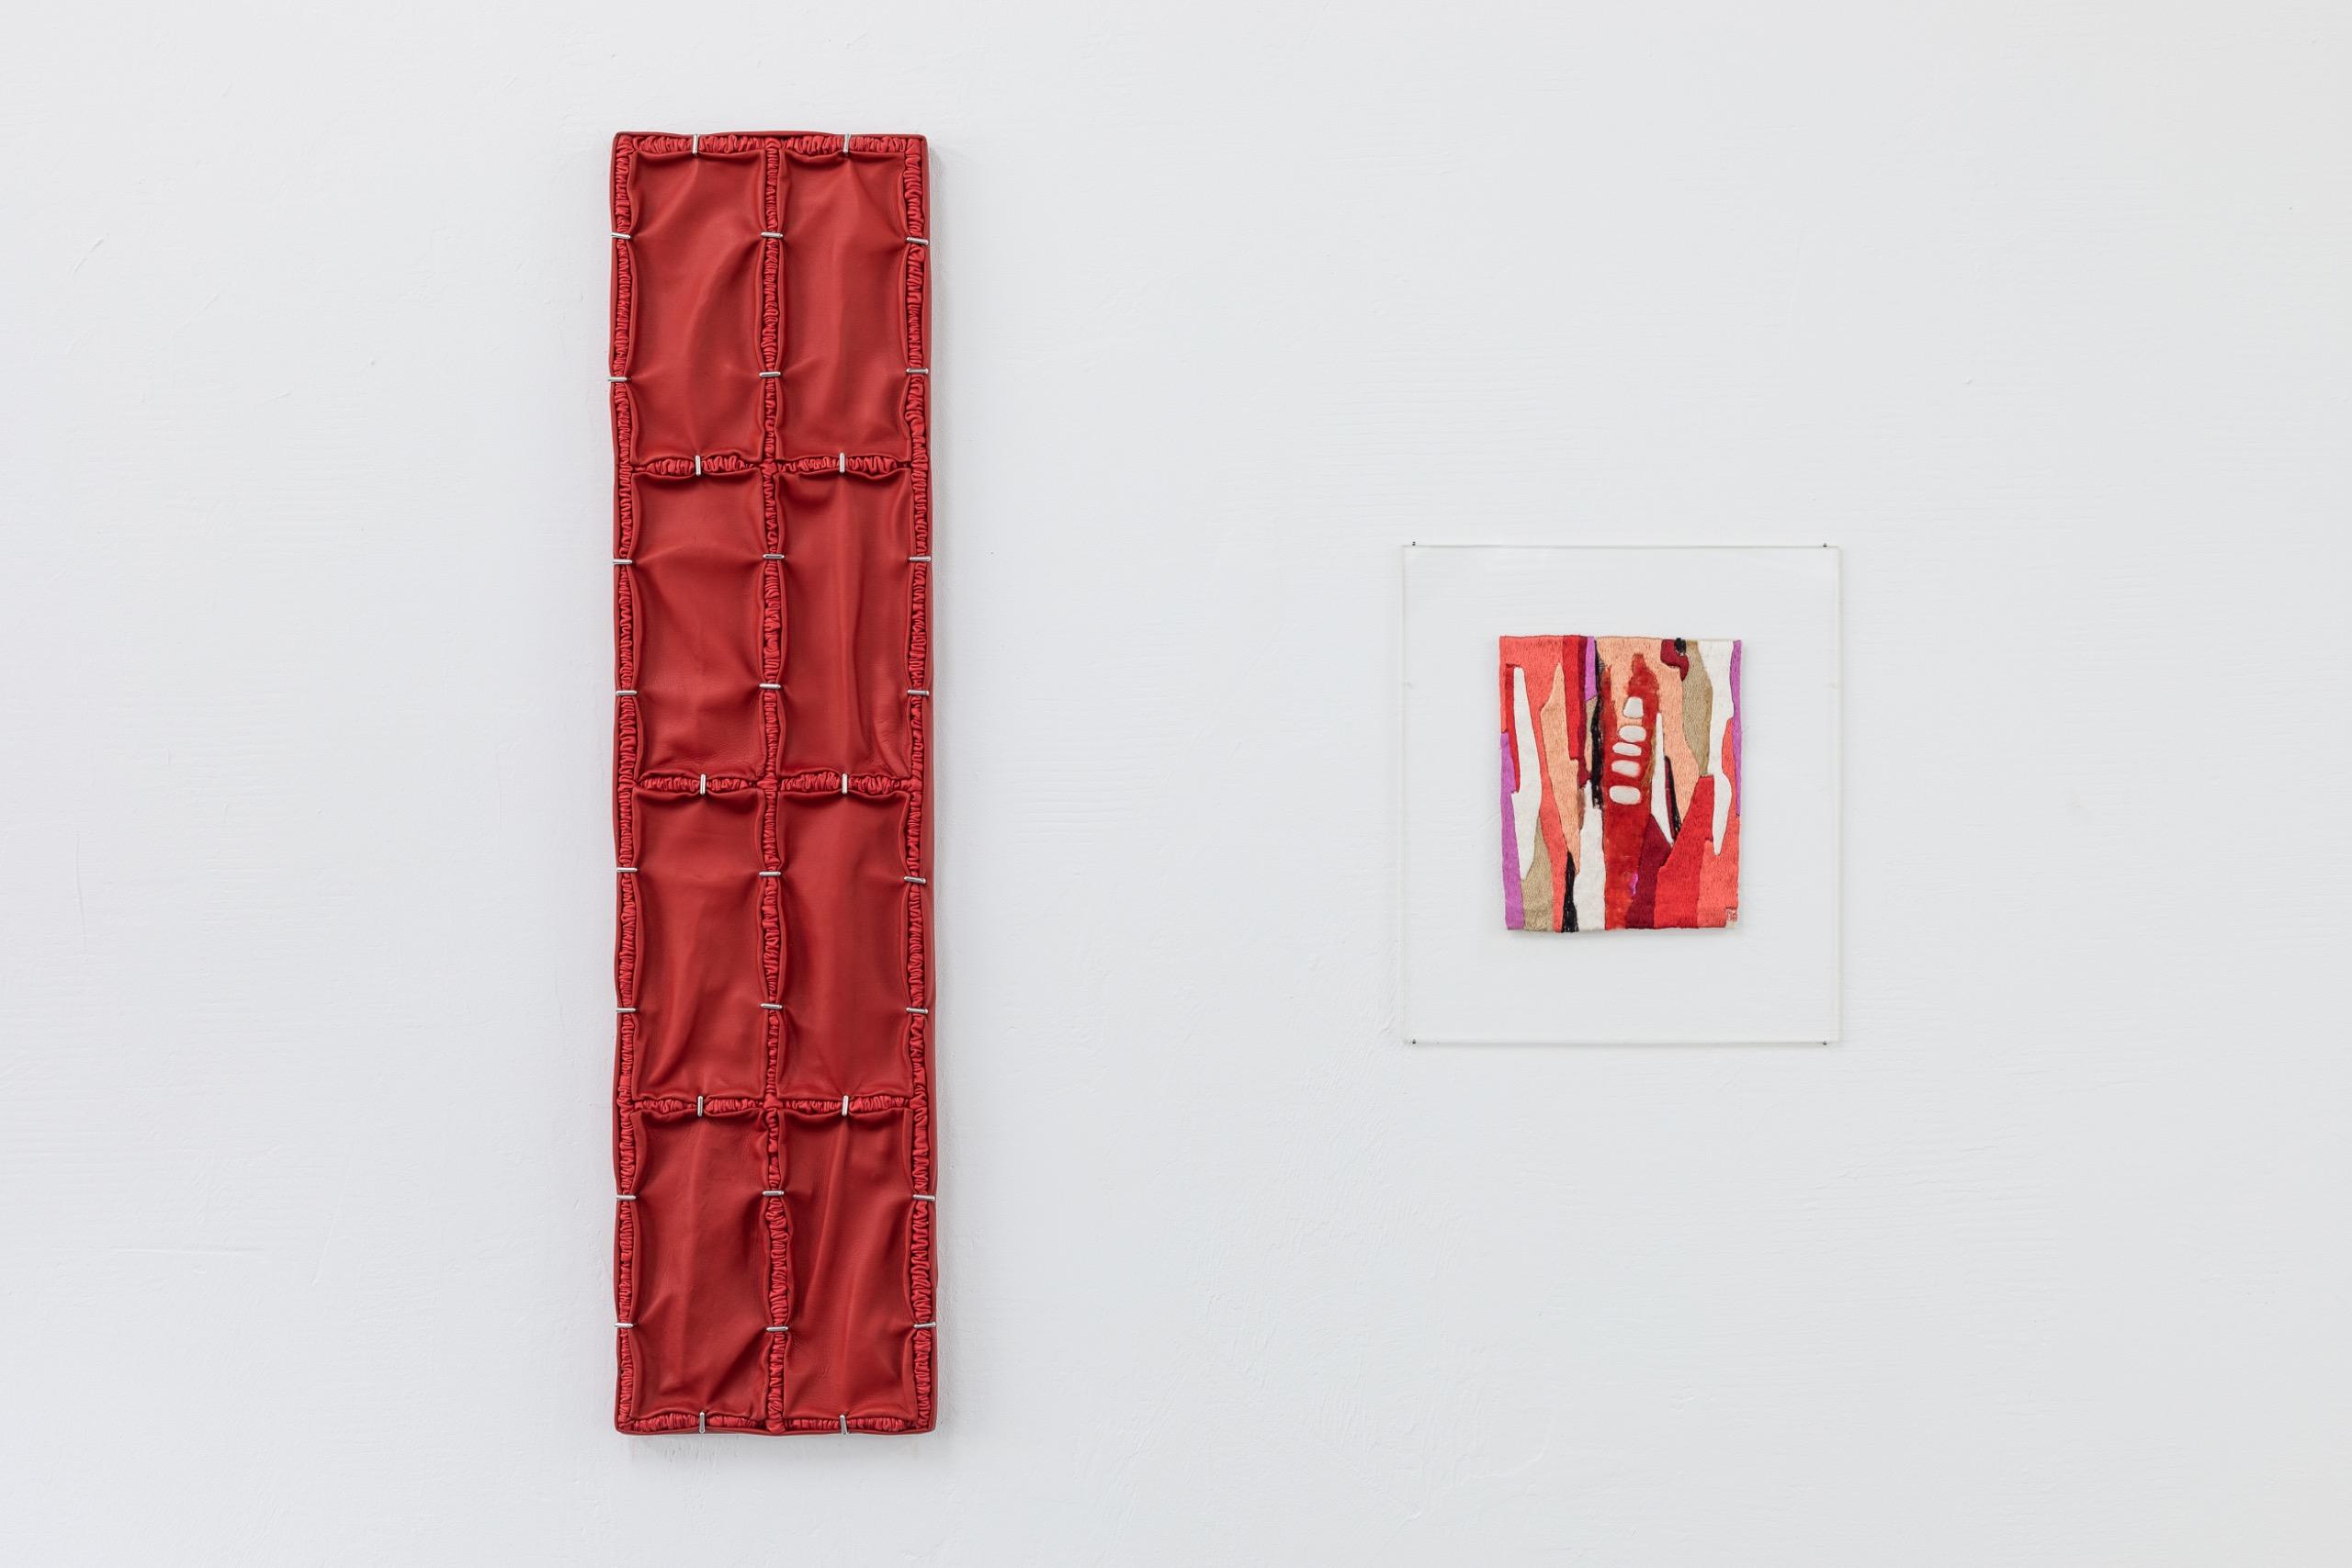 Manon Wertenbroek, Bren pour luy, 2021, wood, leather, pigment, palladium-plated brass. Lissy Funk, Little Love Declaration (Kleine Liebeserklärung), 1989, hand embroidery.